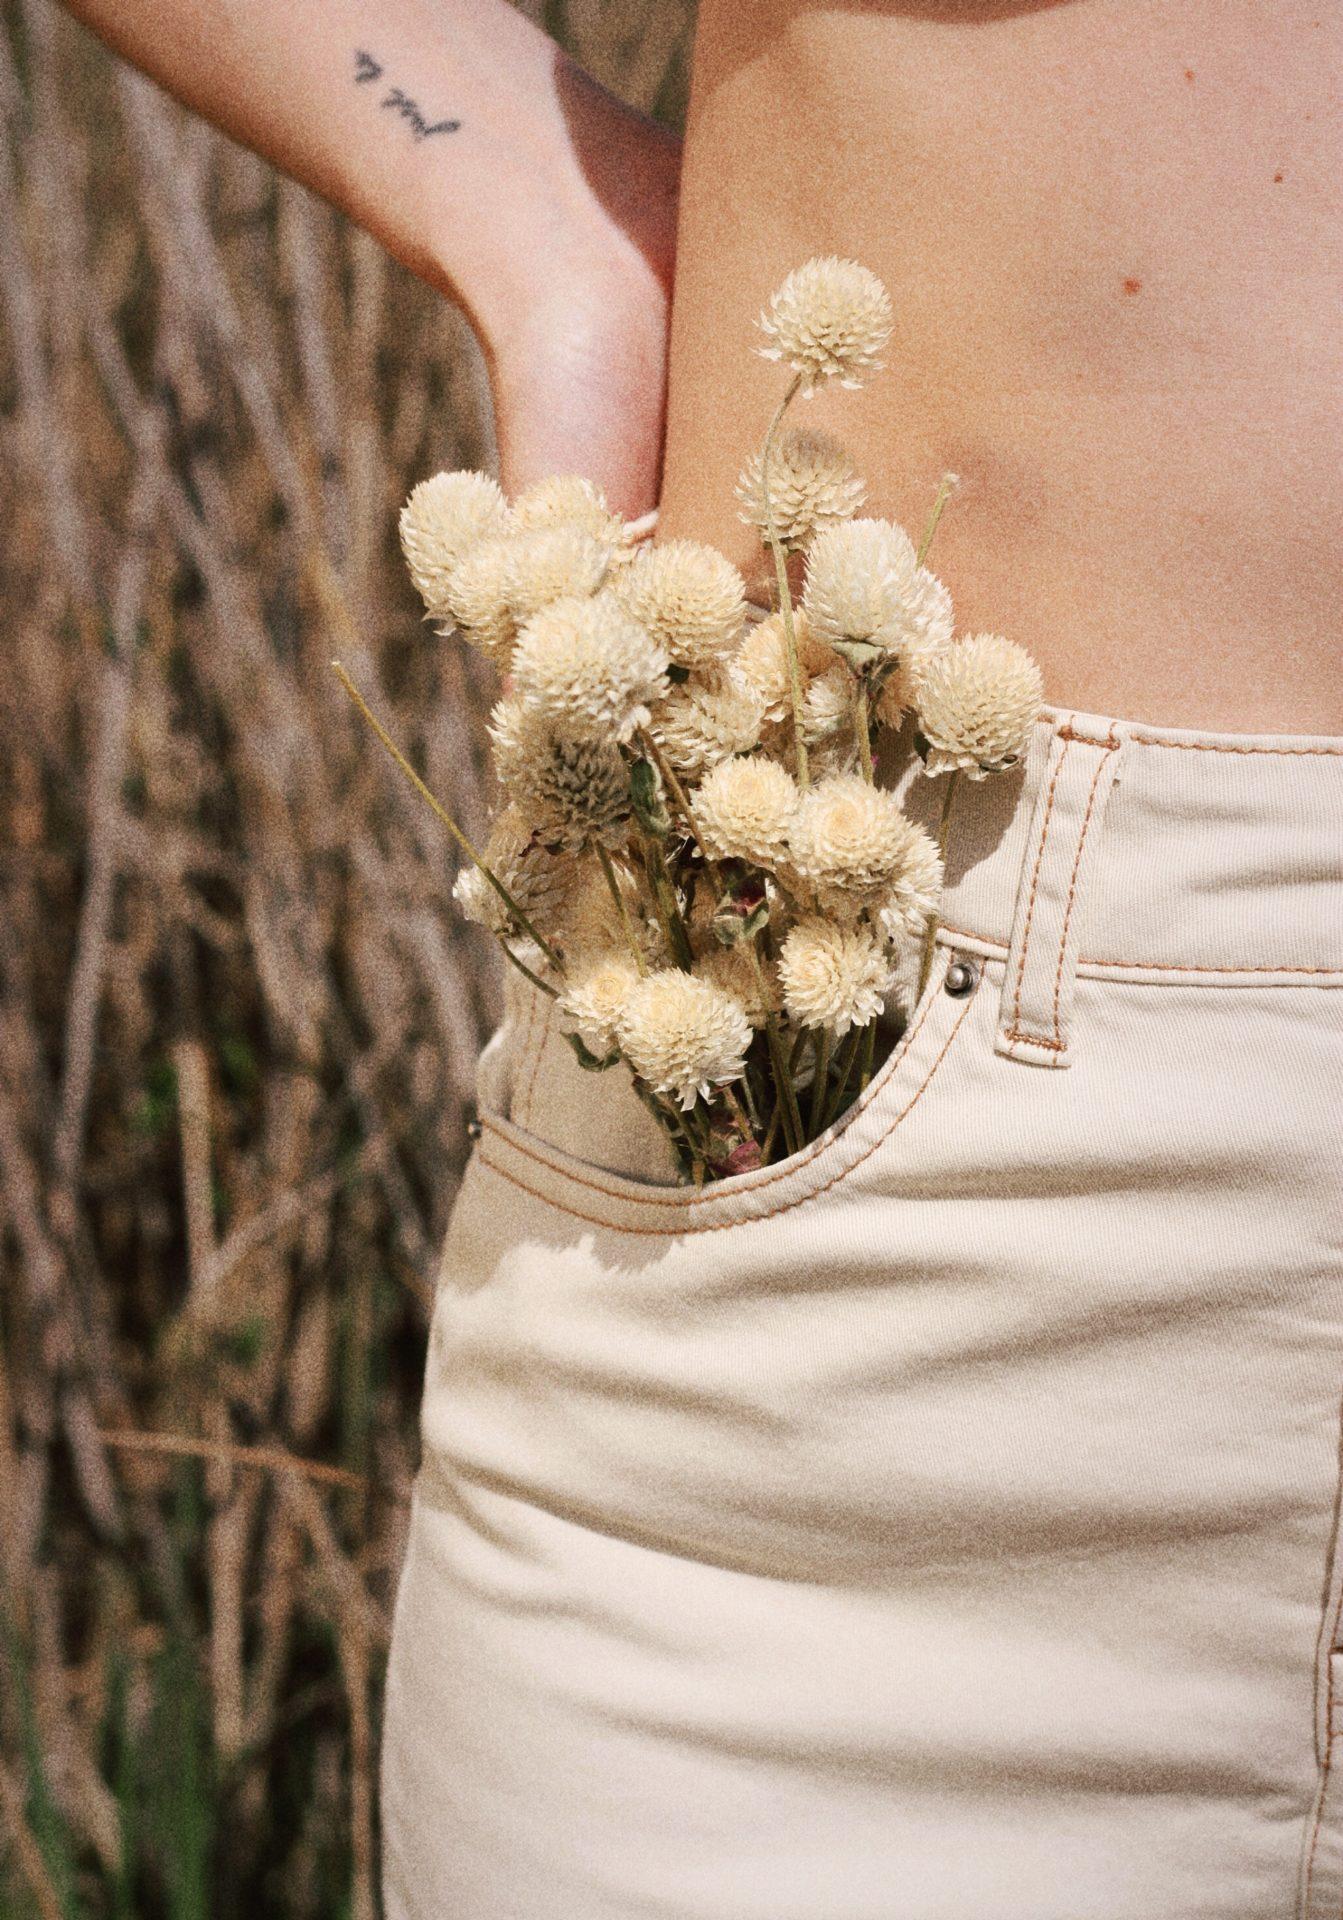 Jean blanc avec un booouquet de fleurs séchées blanches dans la poche